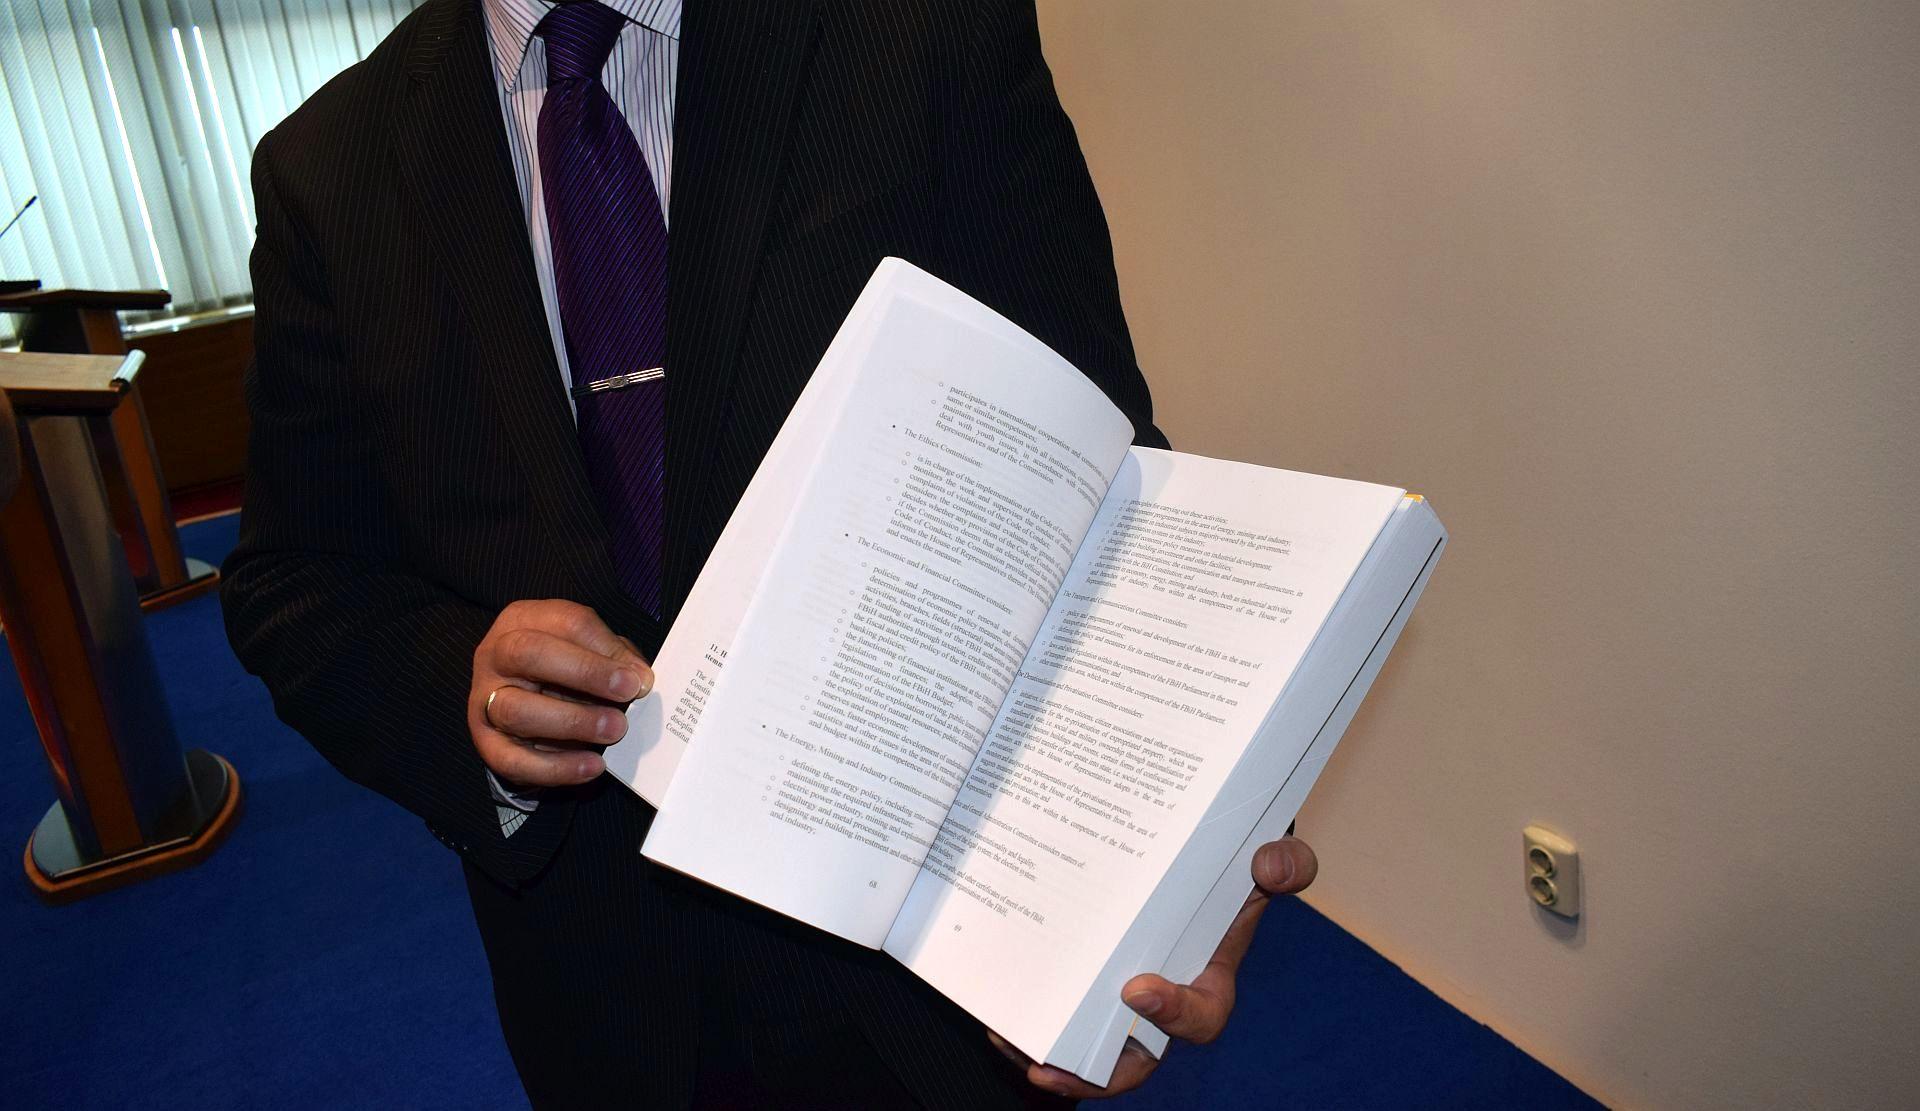 DOGOVORILI SE DA SE NE MOGU DOGOVORITI Zašto BiH nije precizno odgovorila na više od 20 pitanja Evropske komisije